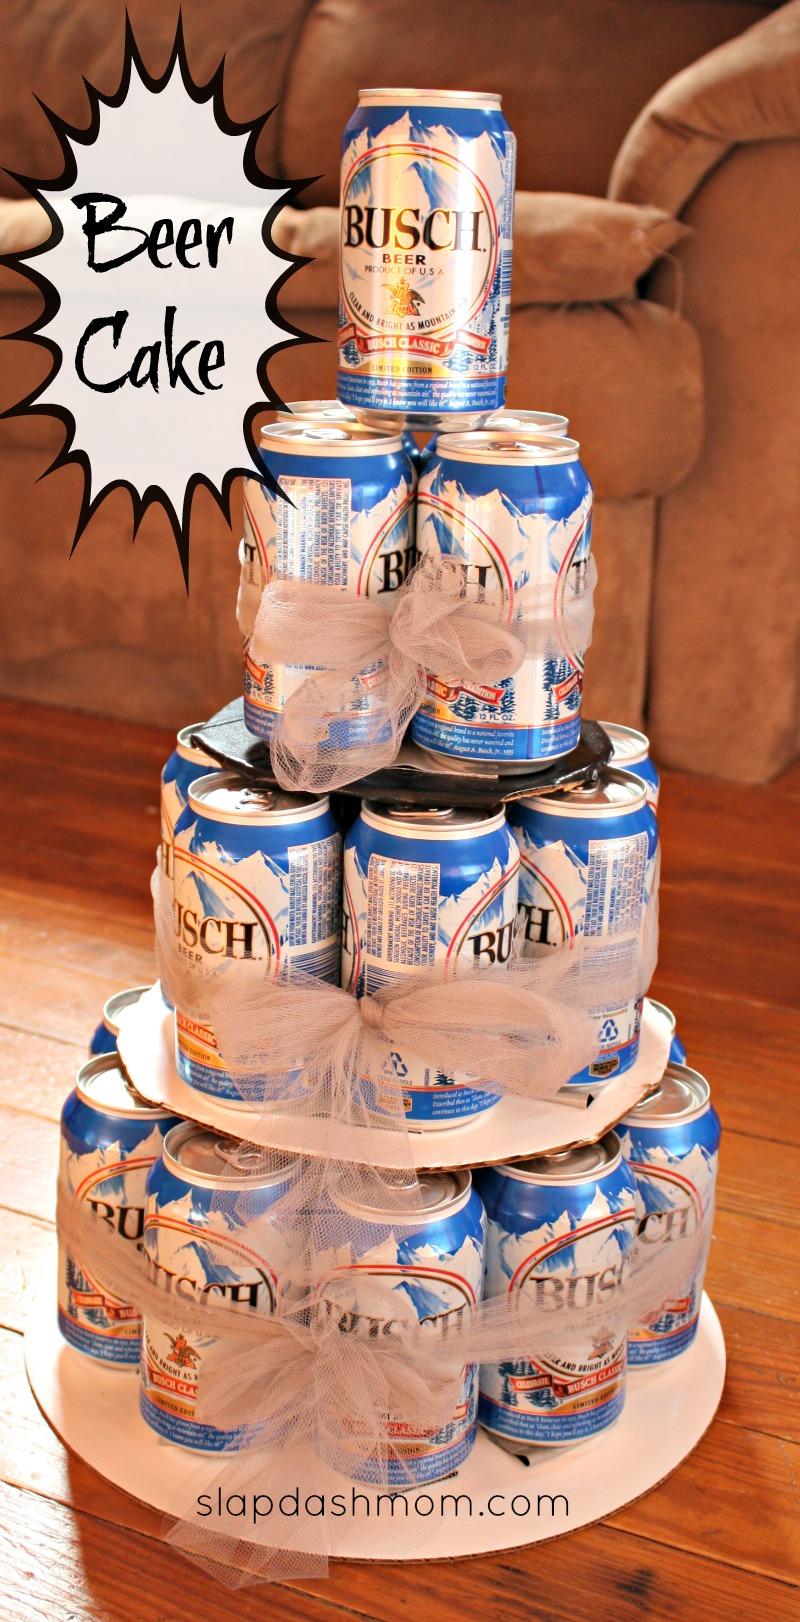 DIY Beer Tower Cake Hoosier Slap Dash Mom